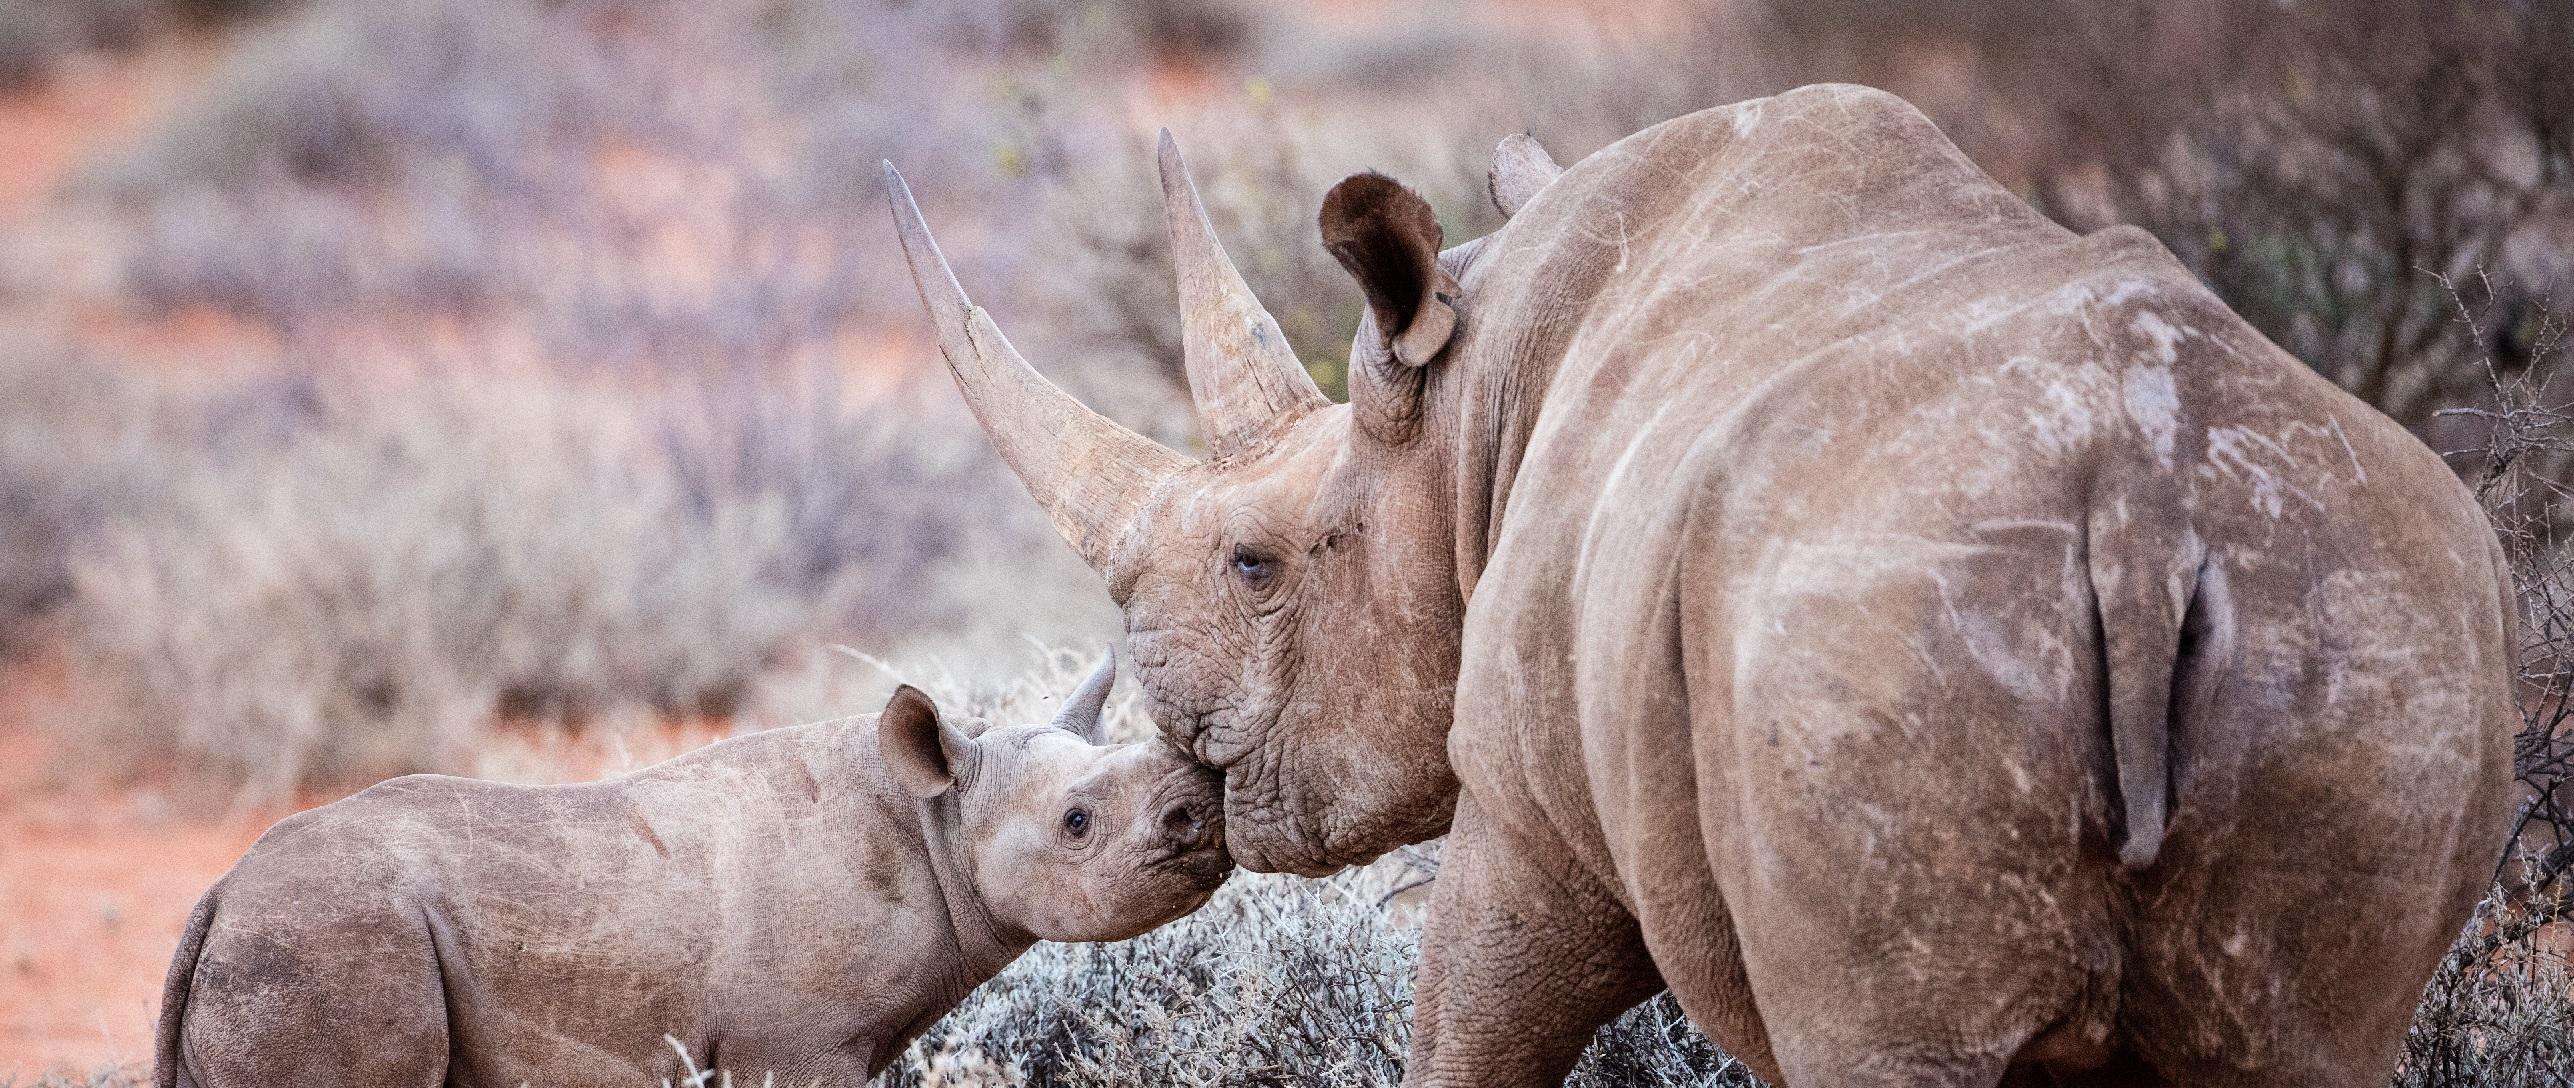 """@Sigfox: En Zimbabue lanzan un """"GoogleMap de rinocerontes"""" para combatir la caza furtiva"""